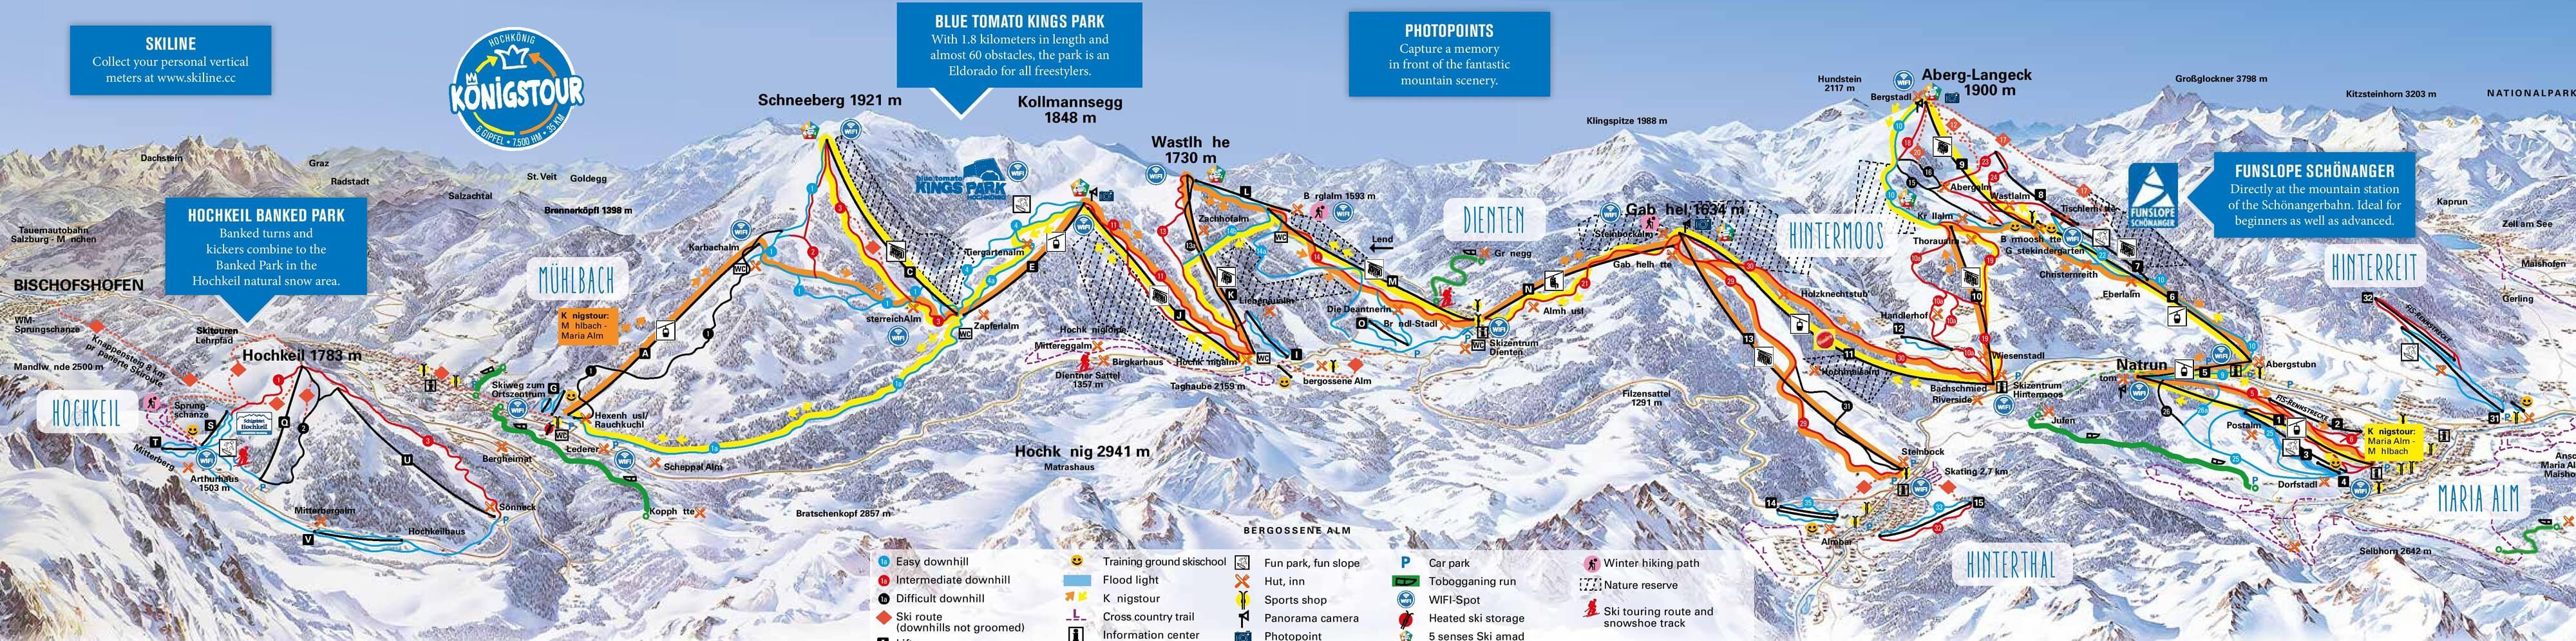 Ski resort Maria Alm - Slopes - TopSkiResort.com